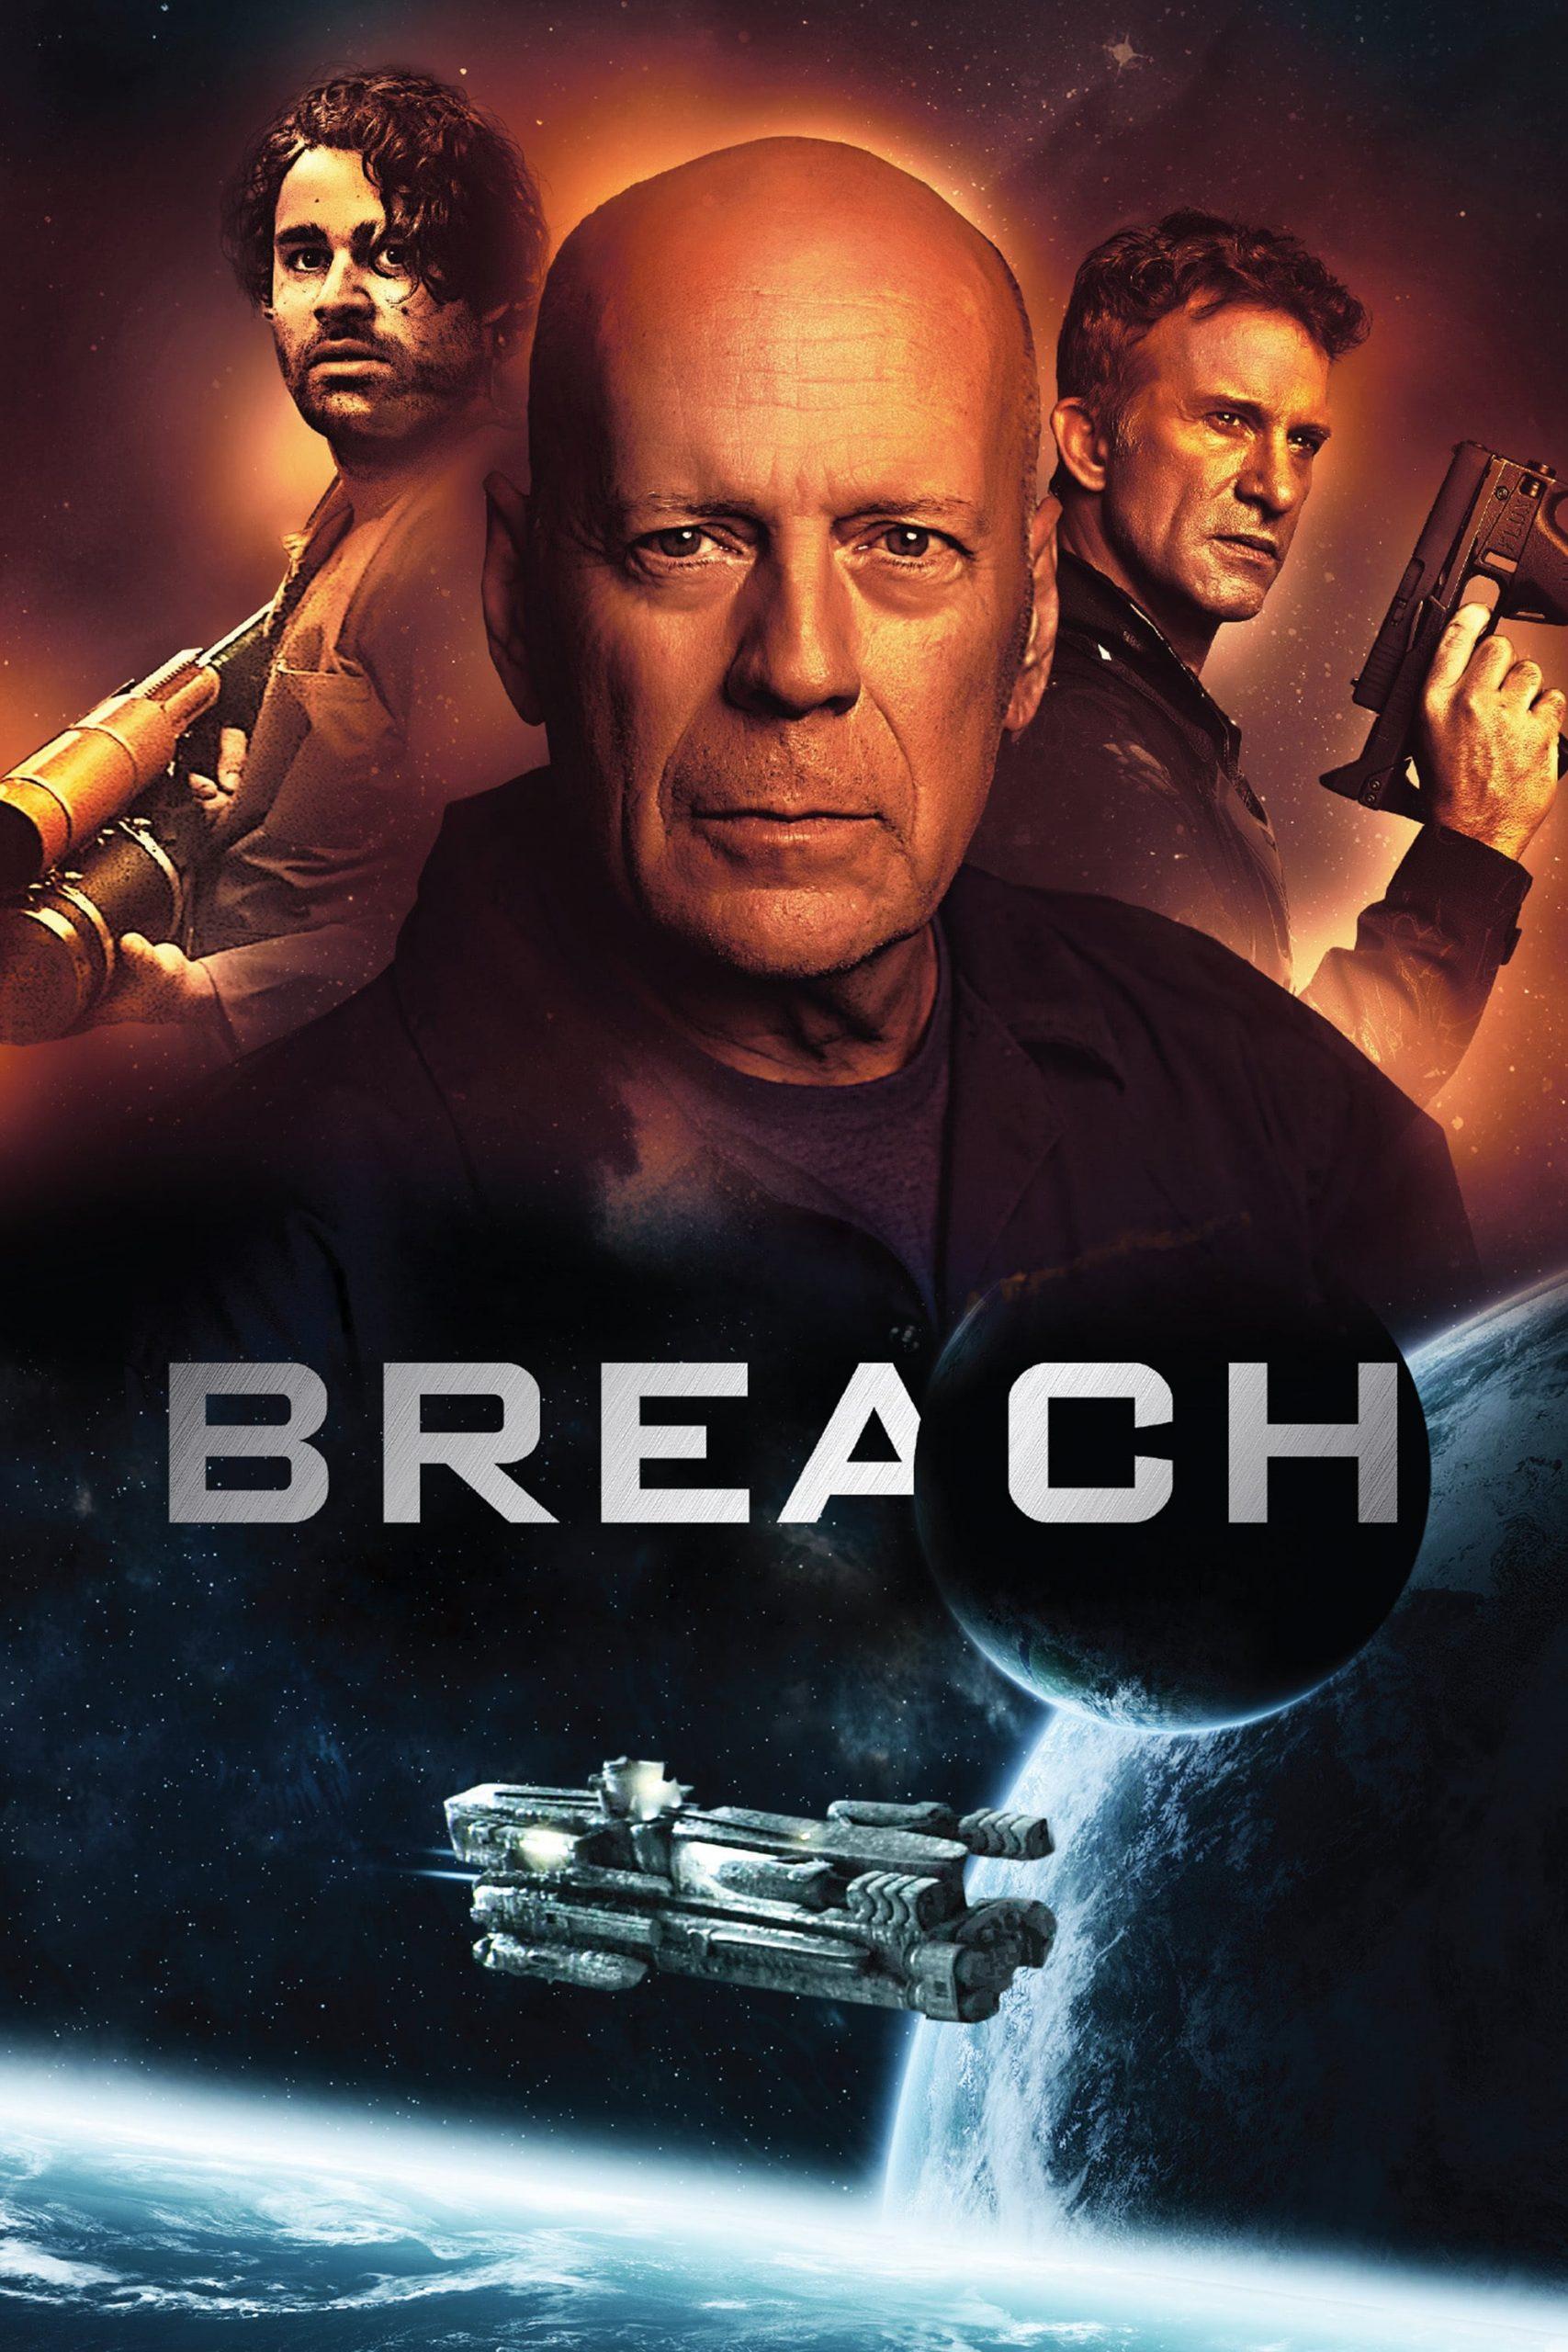 دانلود فیلمBreach 2020 با دوبله فارسی